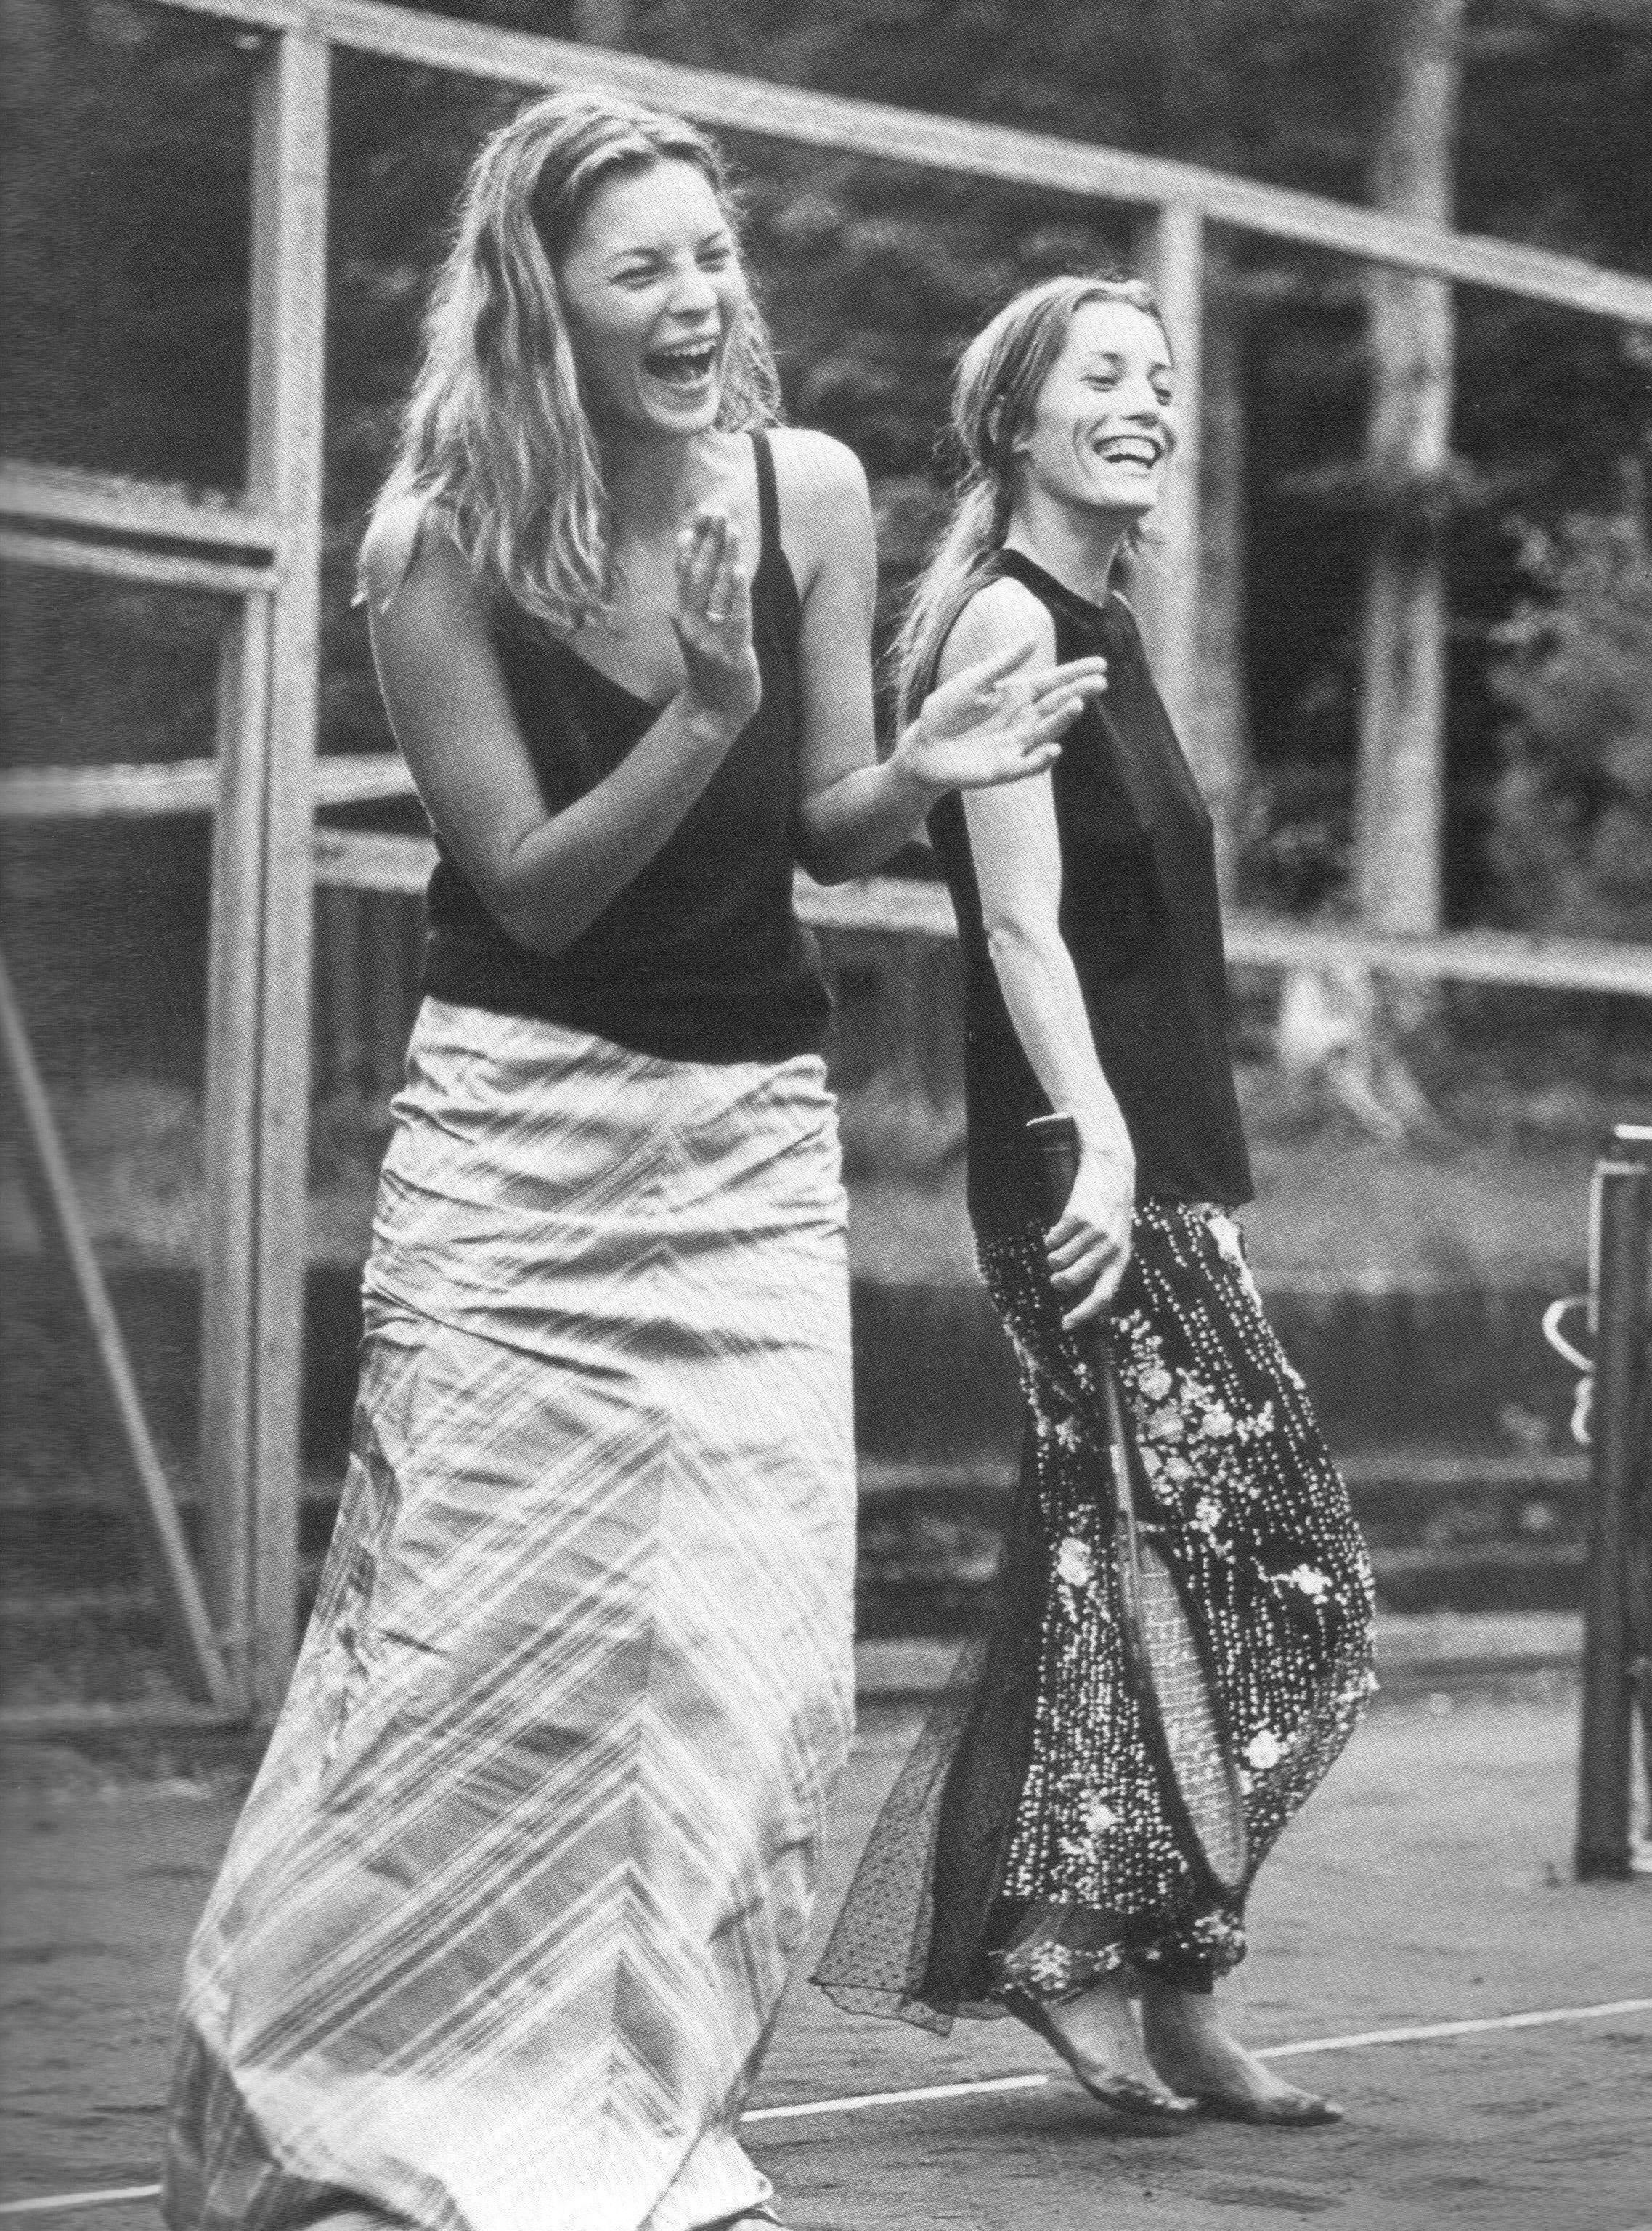 Katt Moss and Lucie de la Falaise by Bruce Weber, 1997